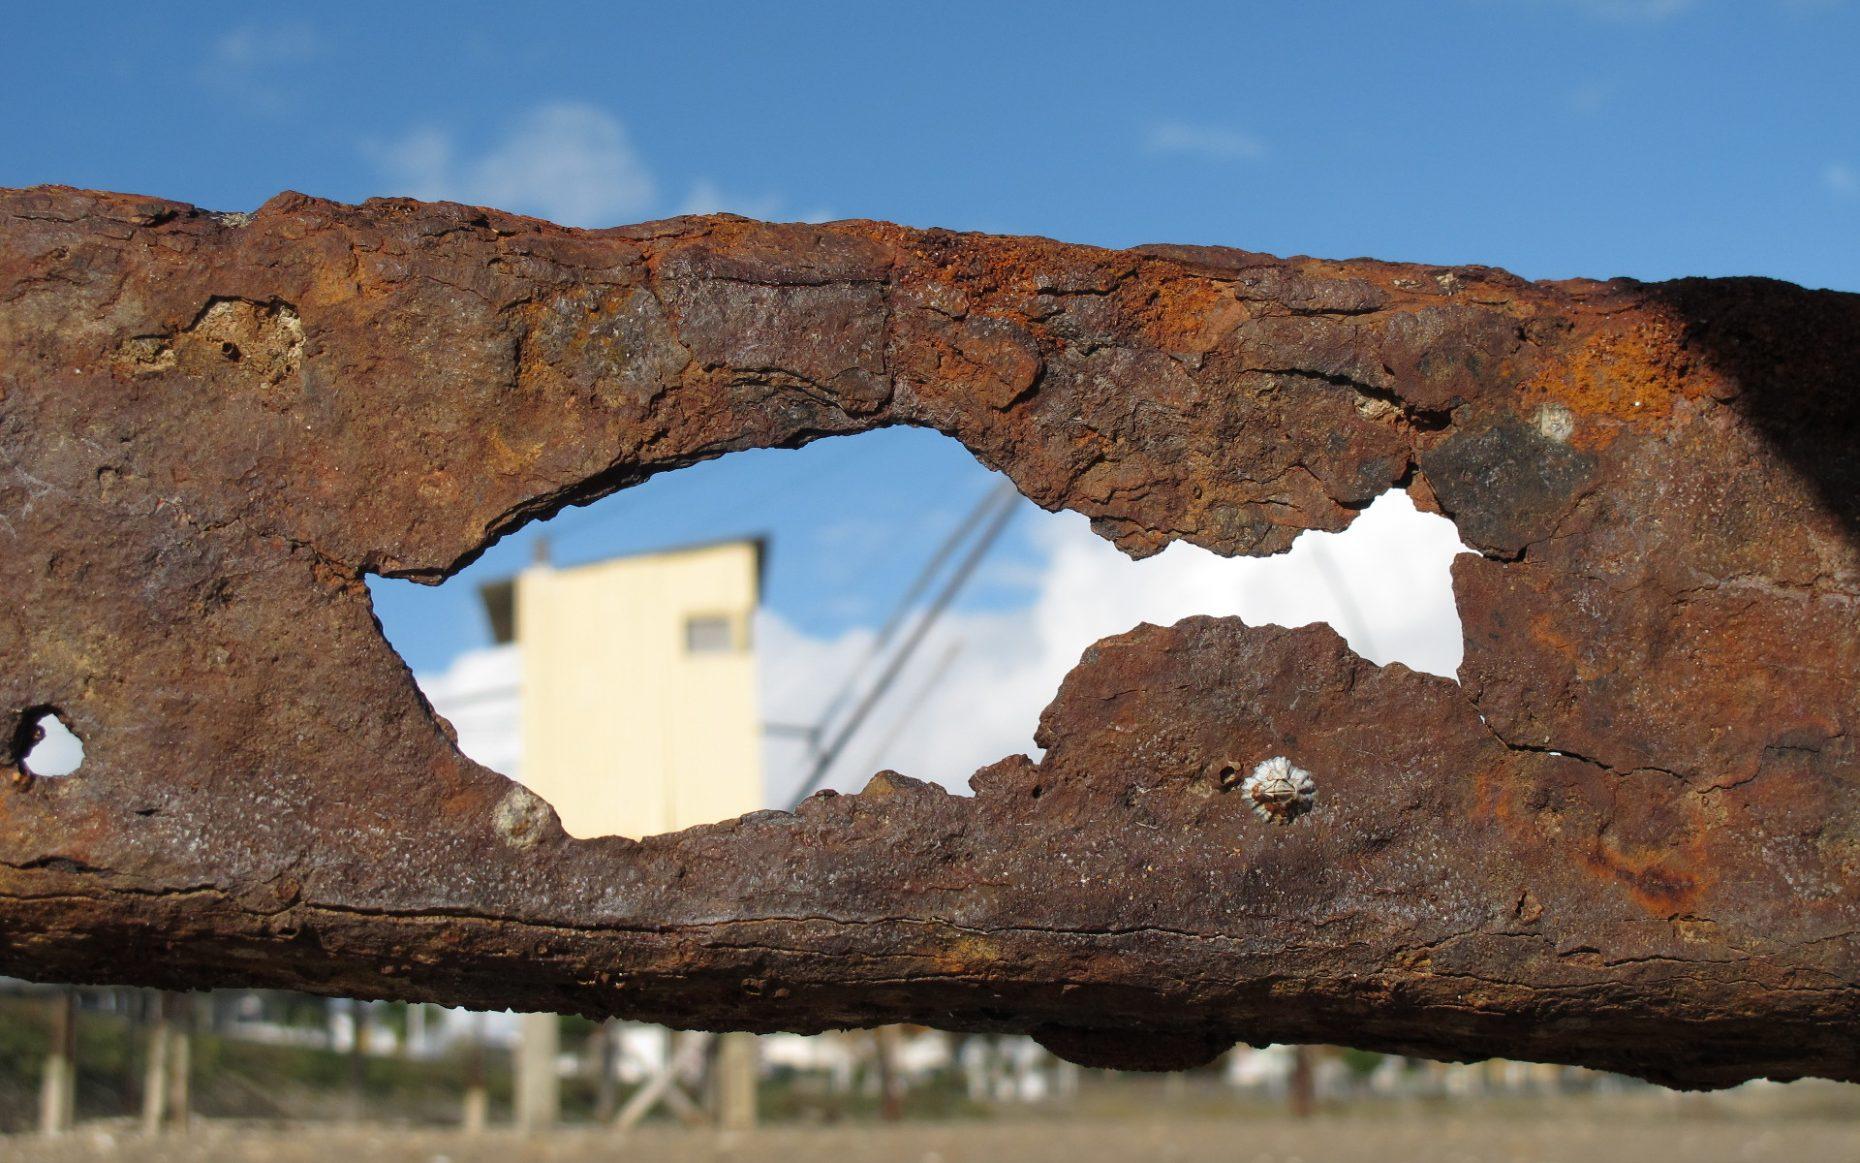 un trou dans la rouille sculpte un poisson dans un morceau de métal